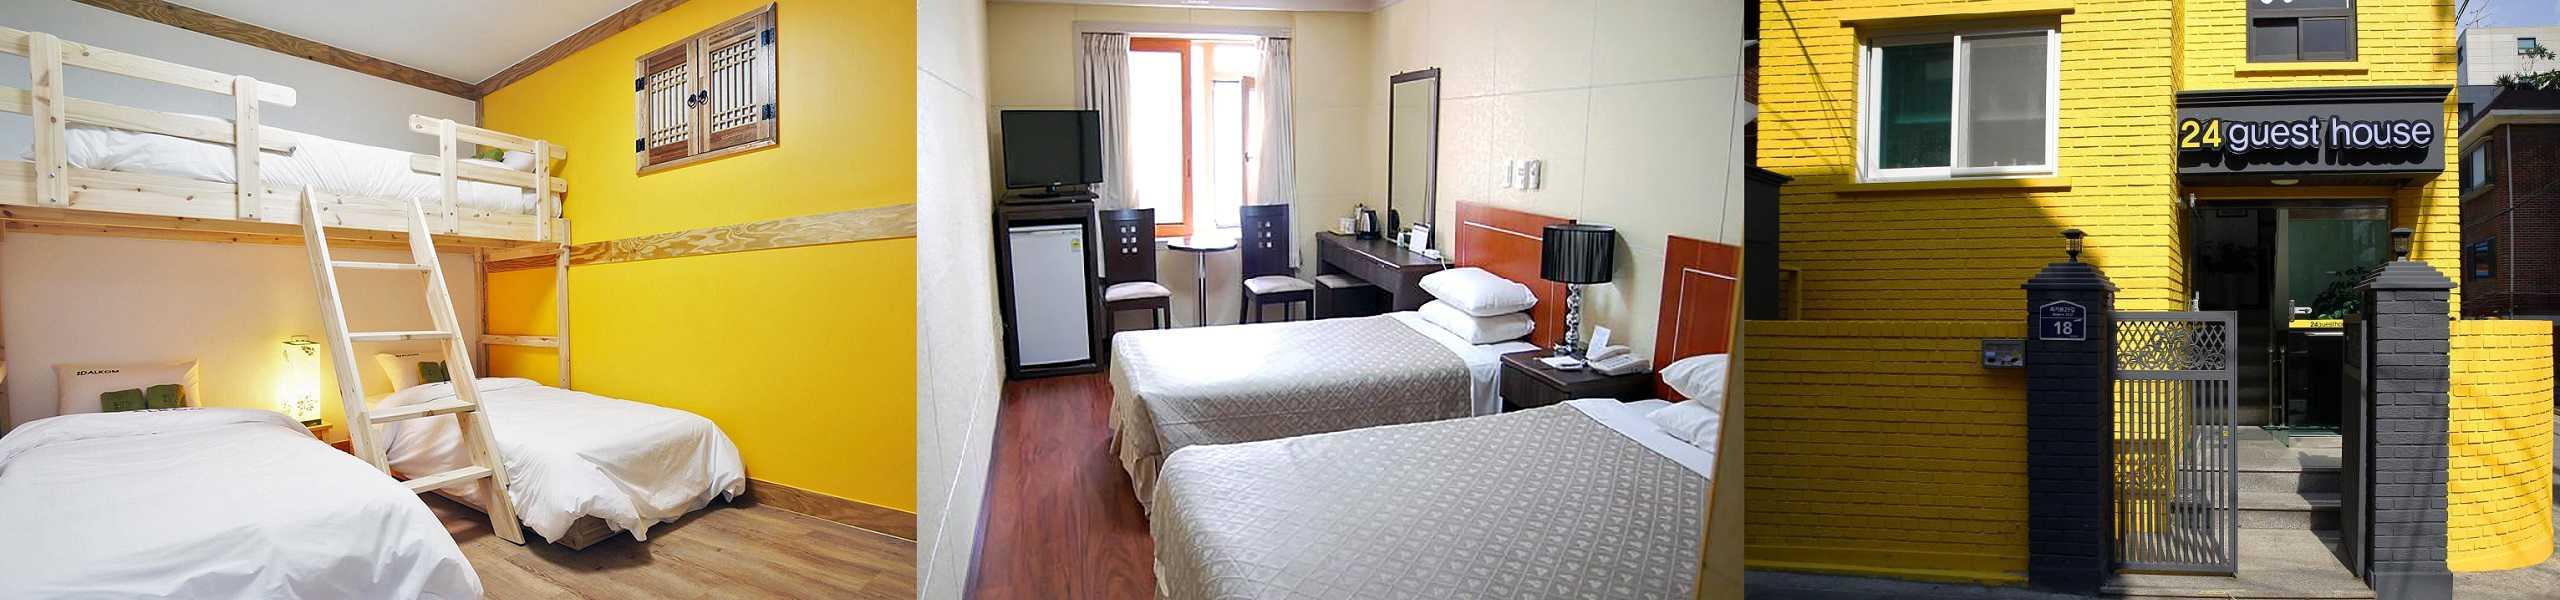 Khách sạn bình dân, giá rẻ ở Hàn Quốc. Nên ở khách sạn nào khi du lịch Hàn Quốc?